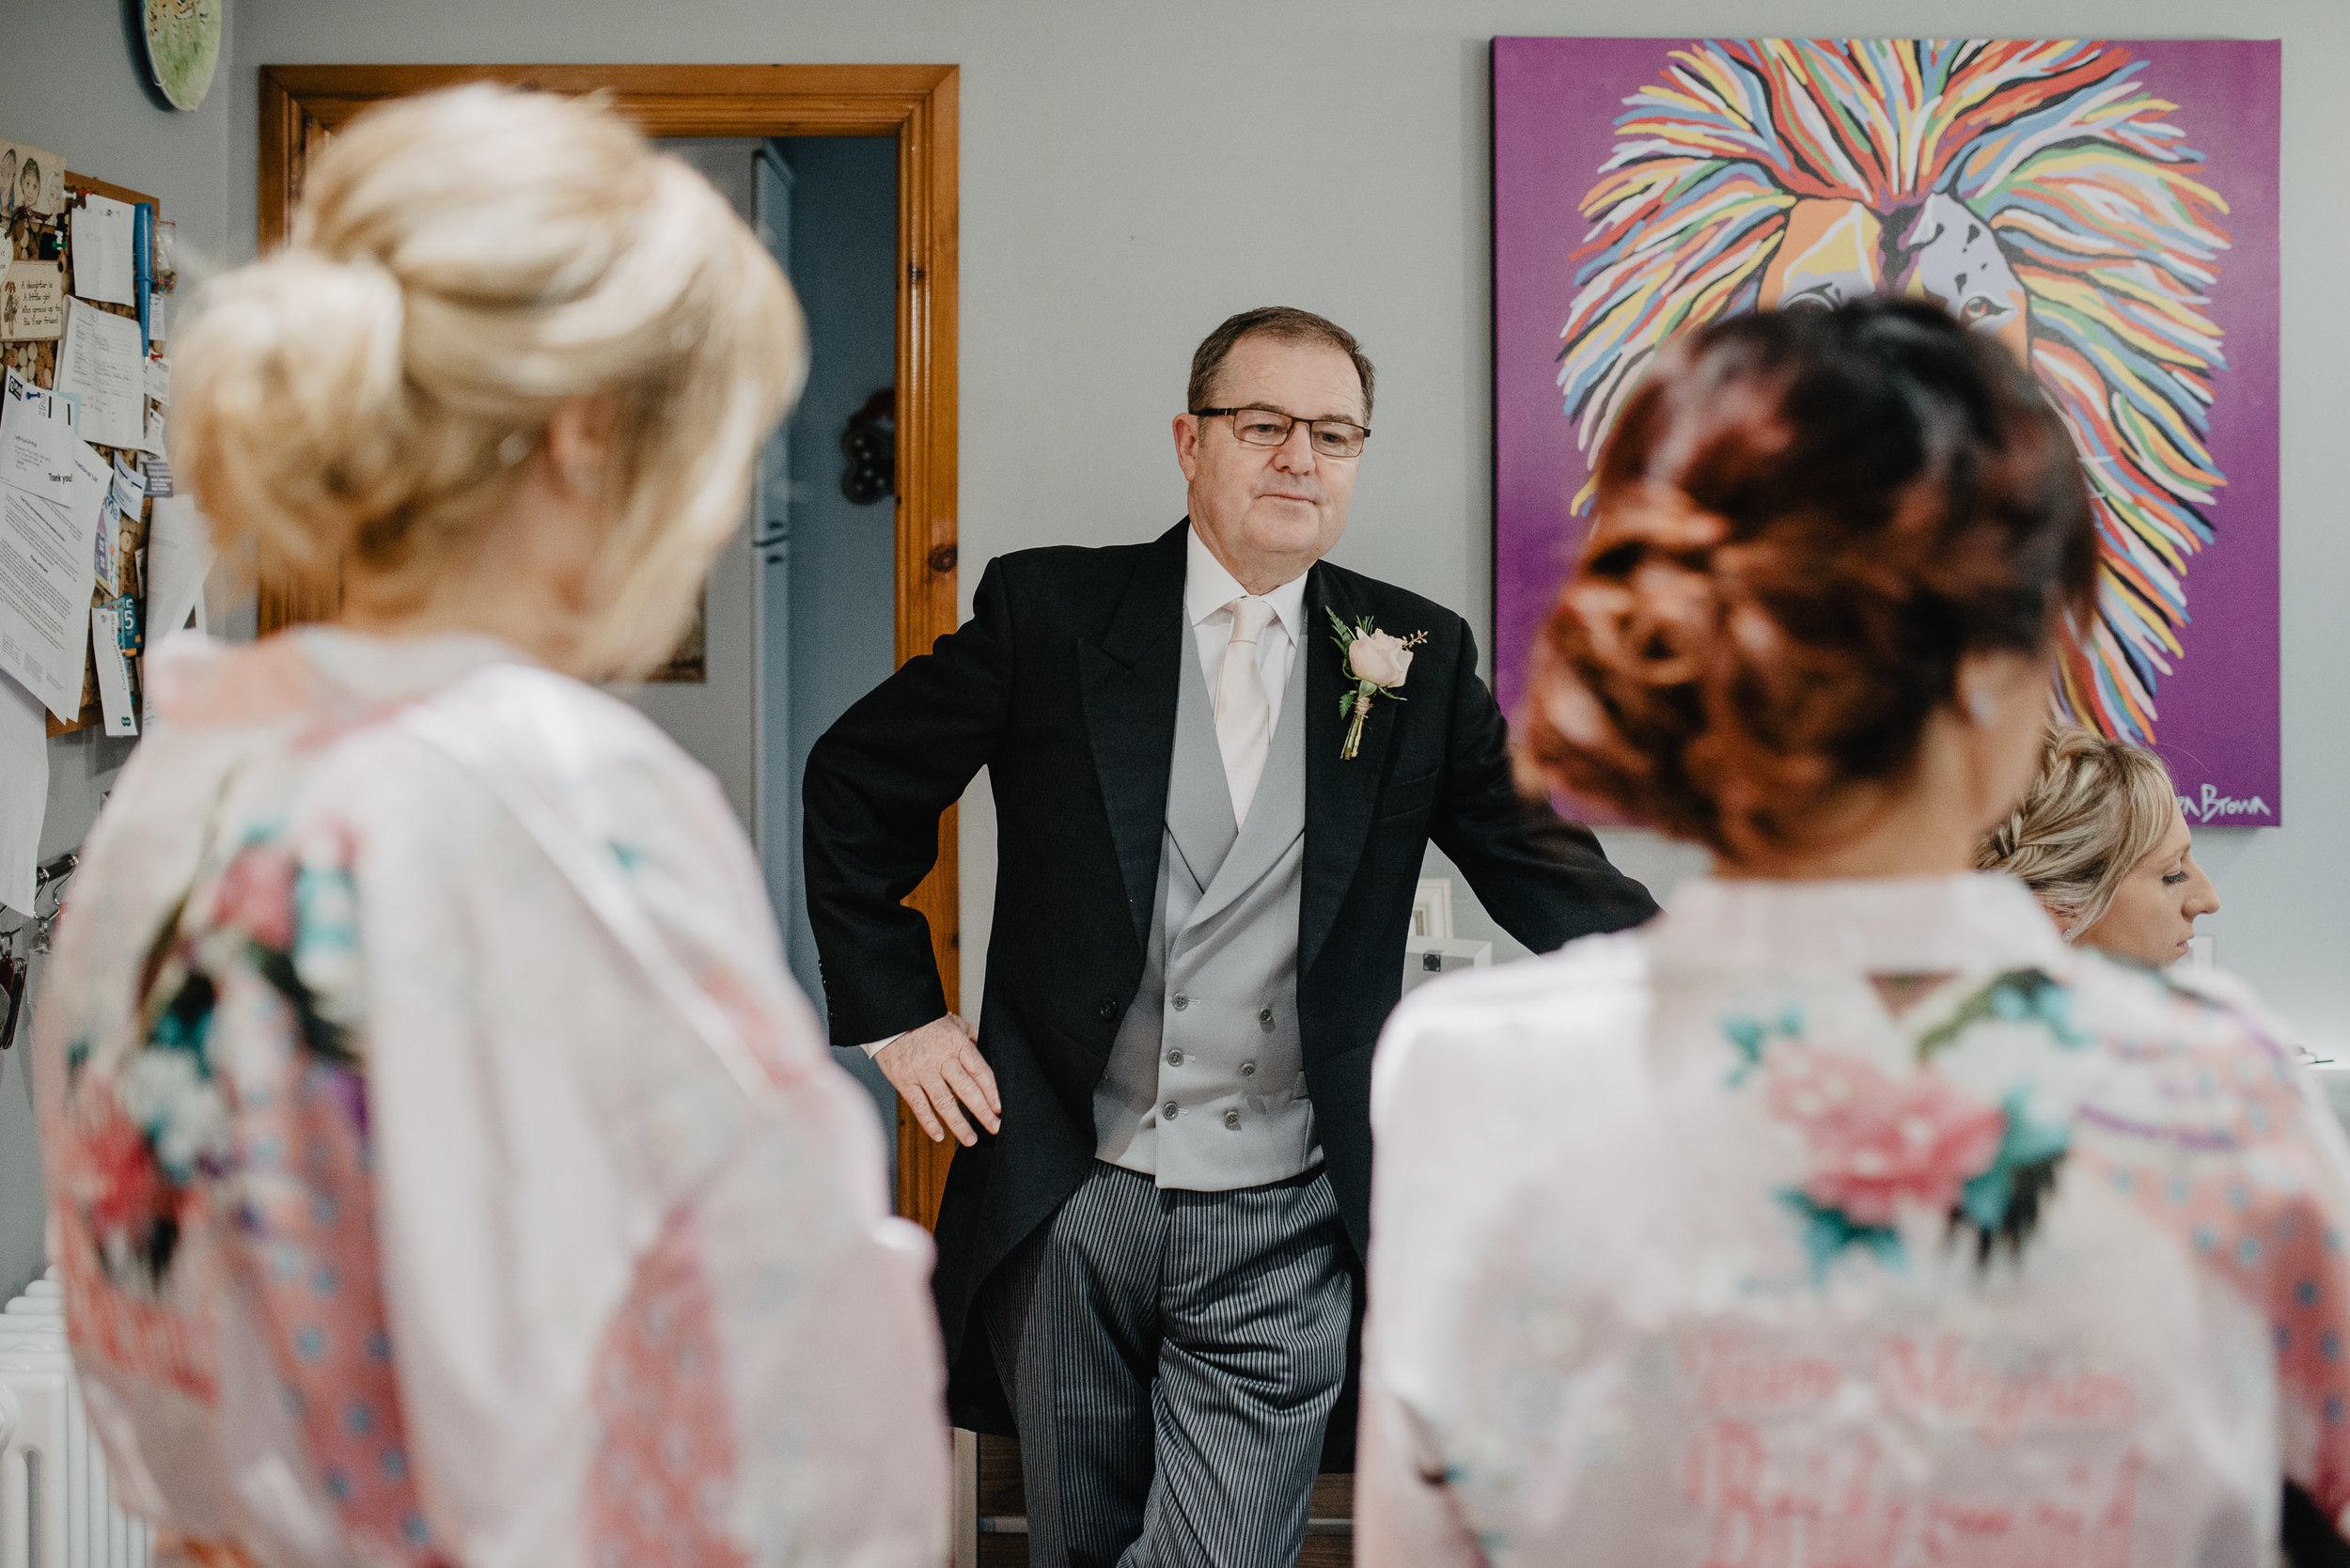 larchfield estate wedding photos-20.jpg